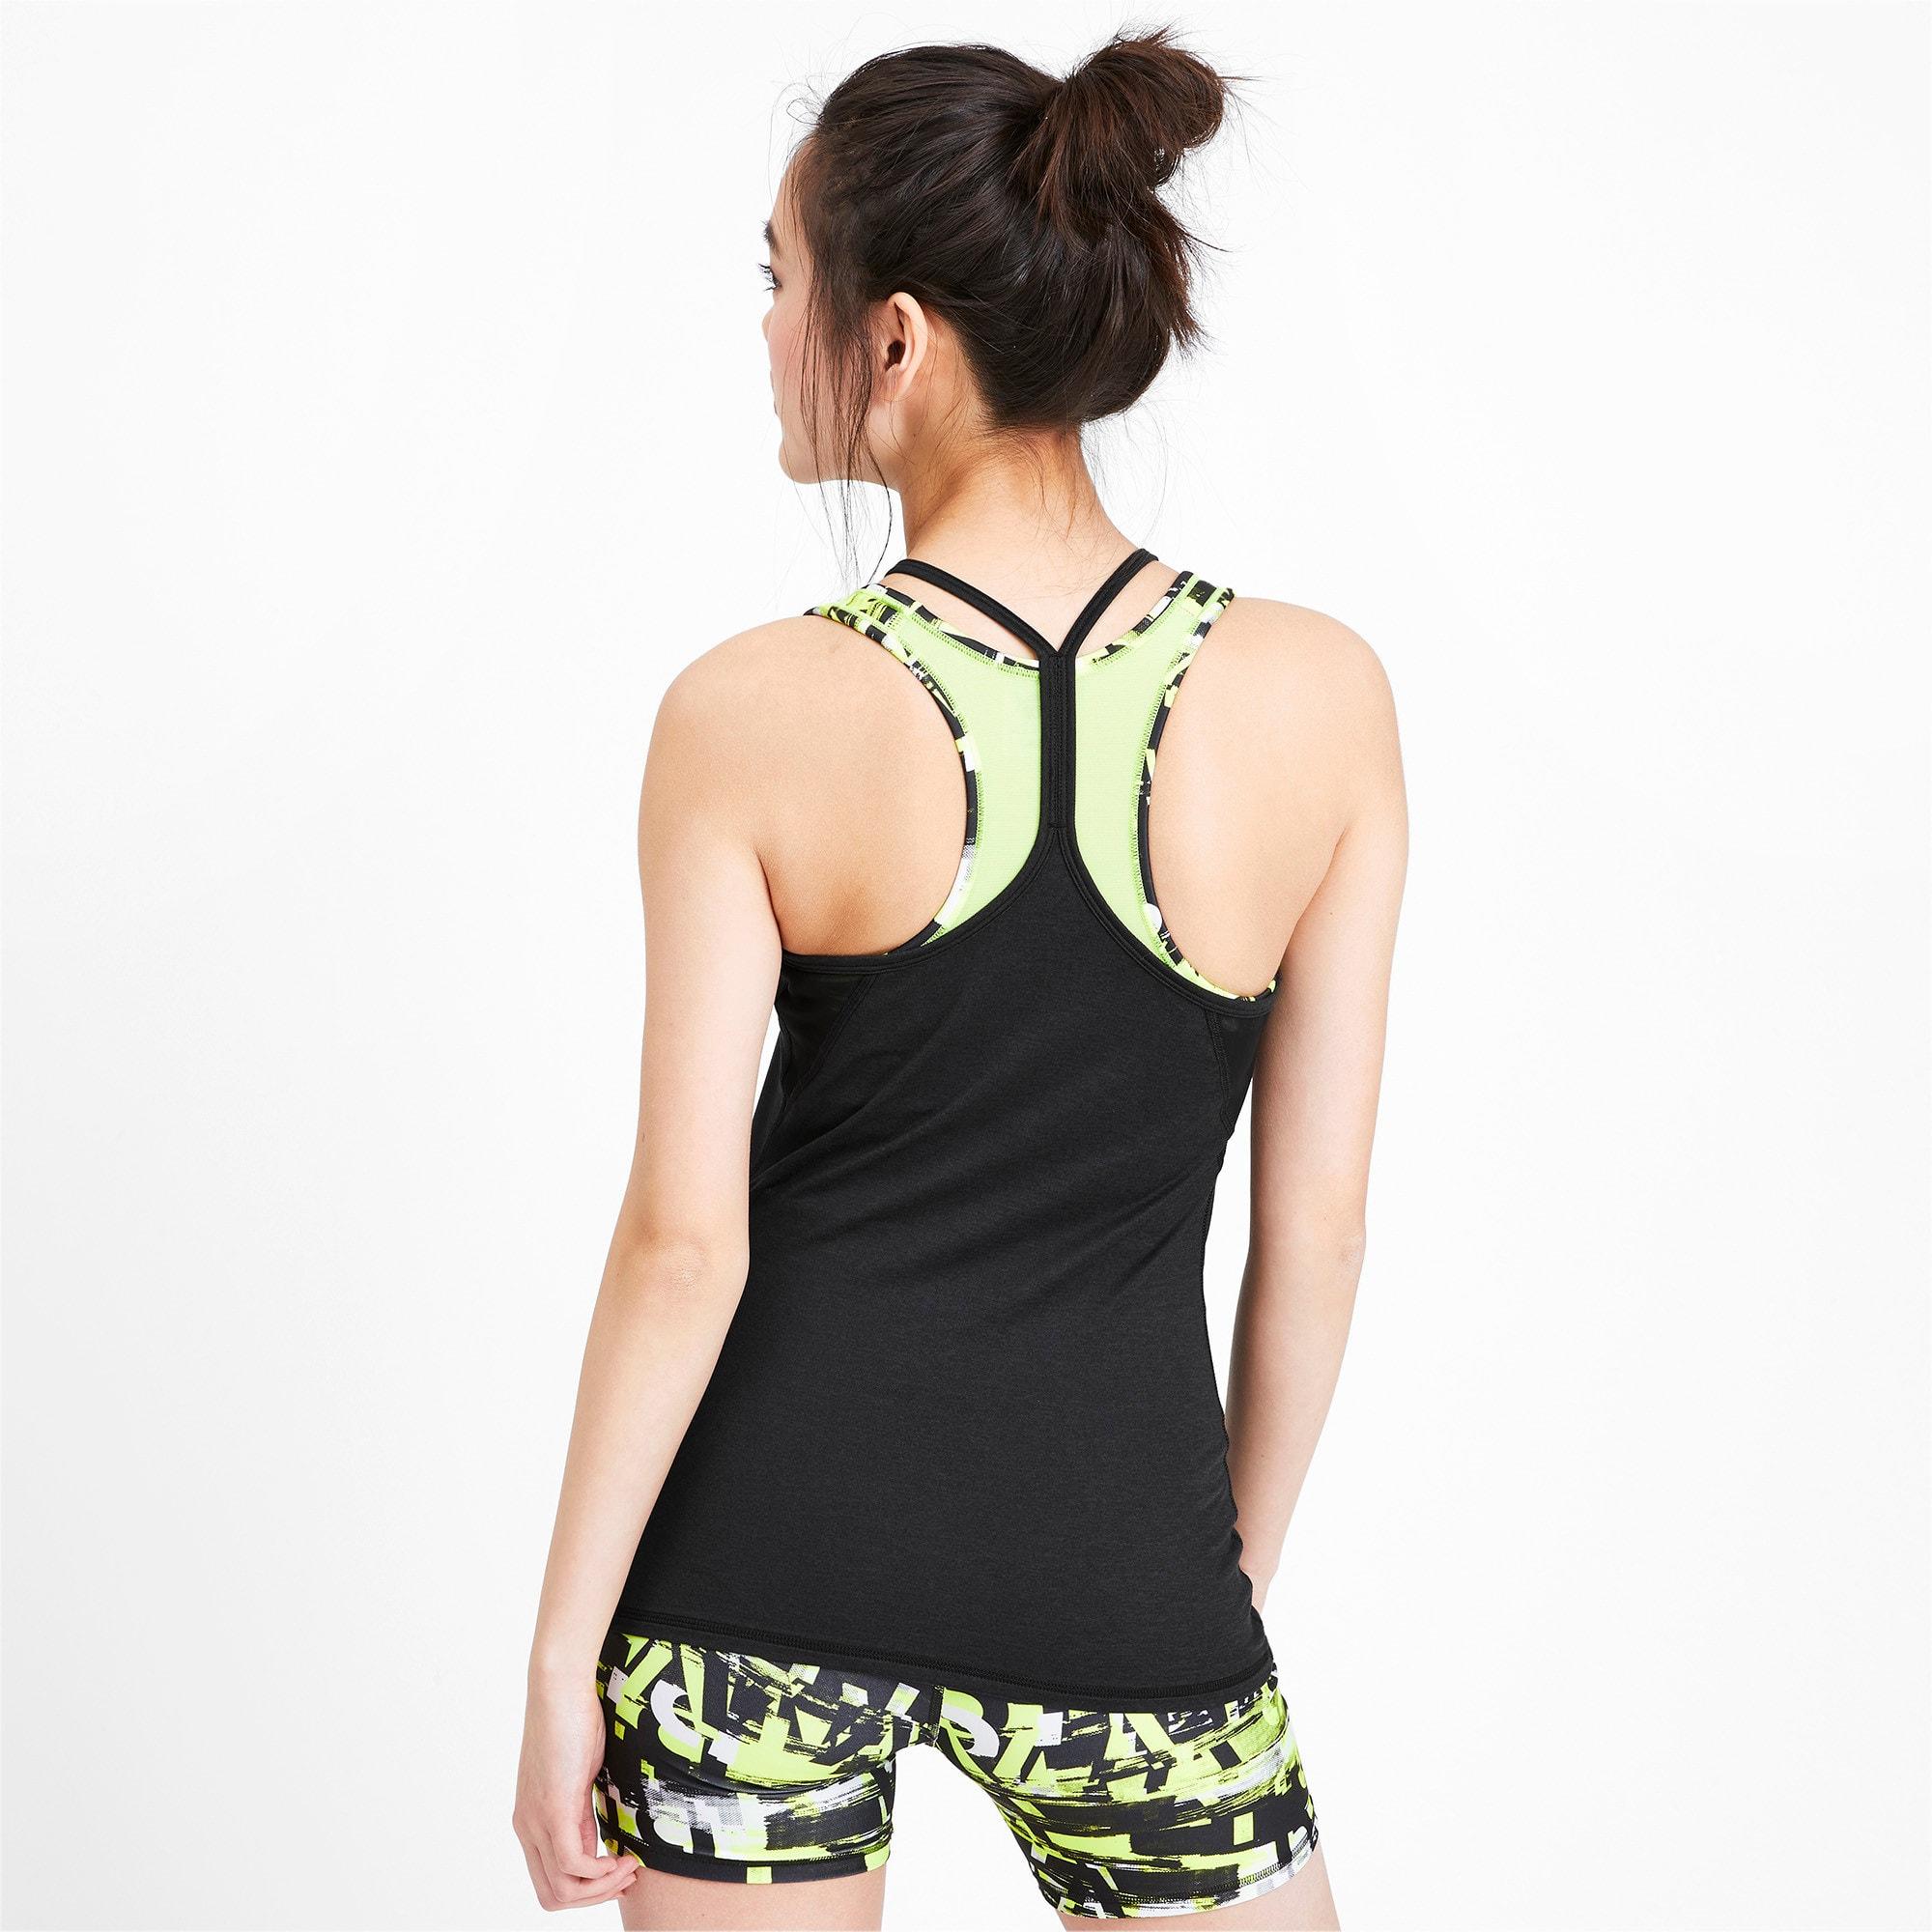 Miniatura 2 de Camiseta sin mangas Studio con espalda deportiva para mujer, Puma Black Heather, mediano